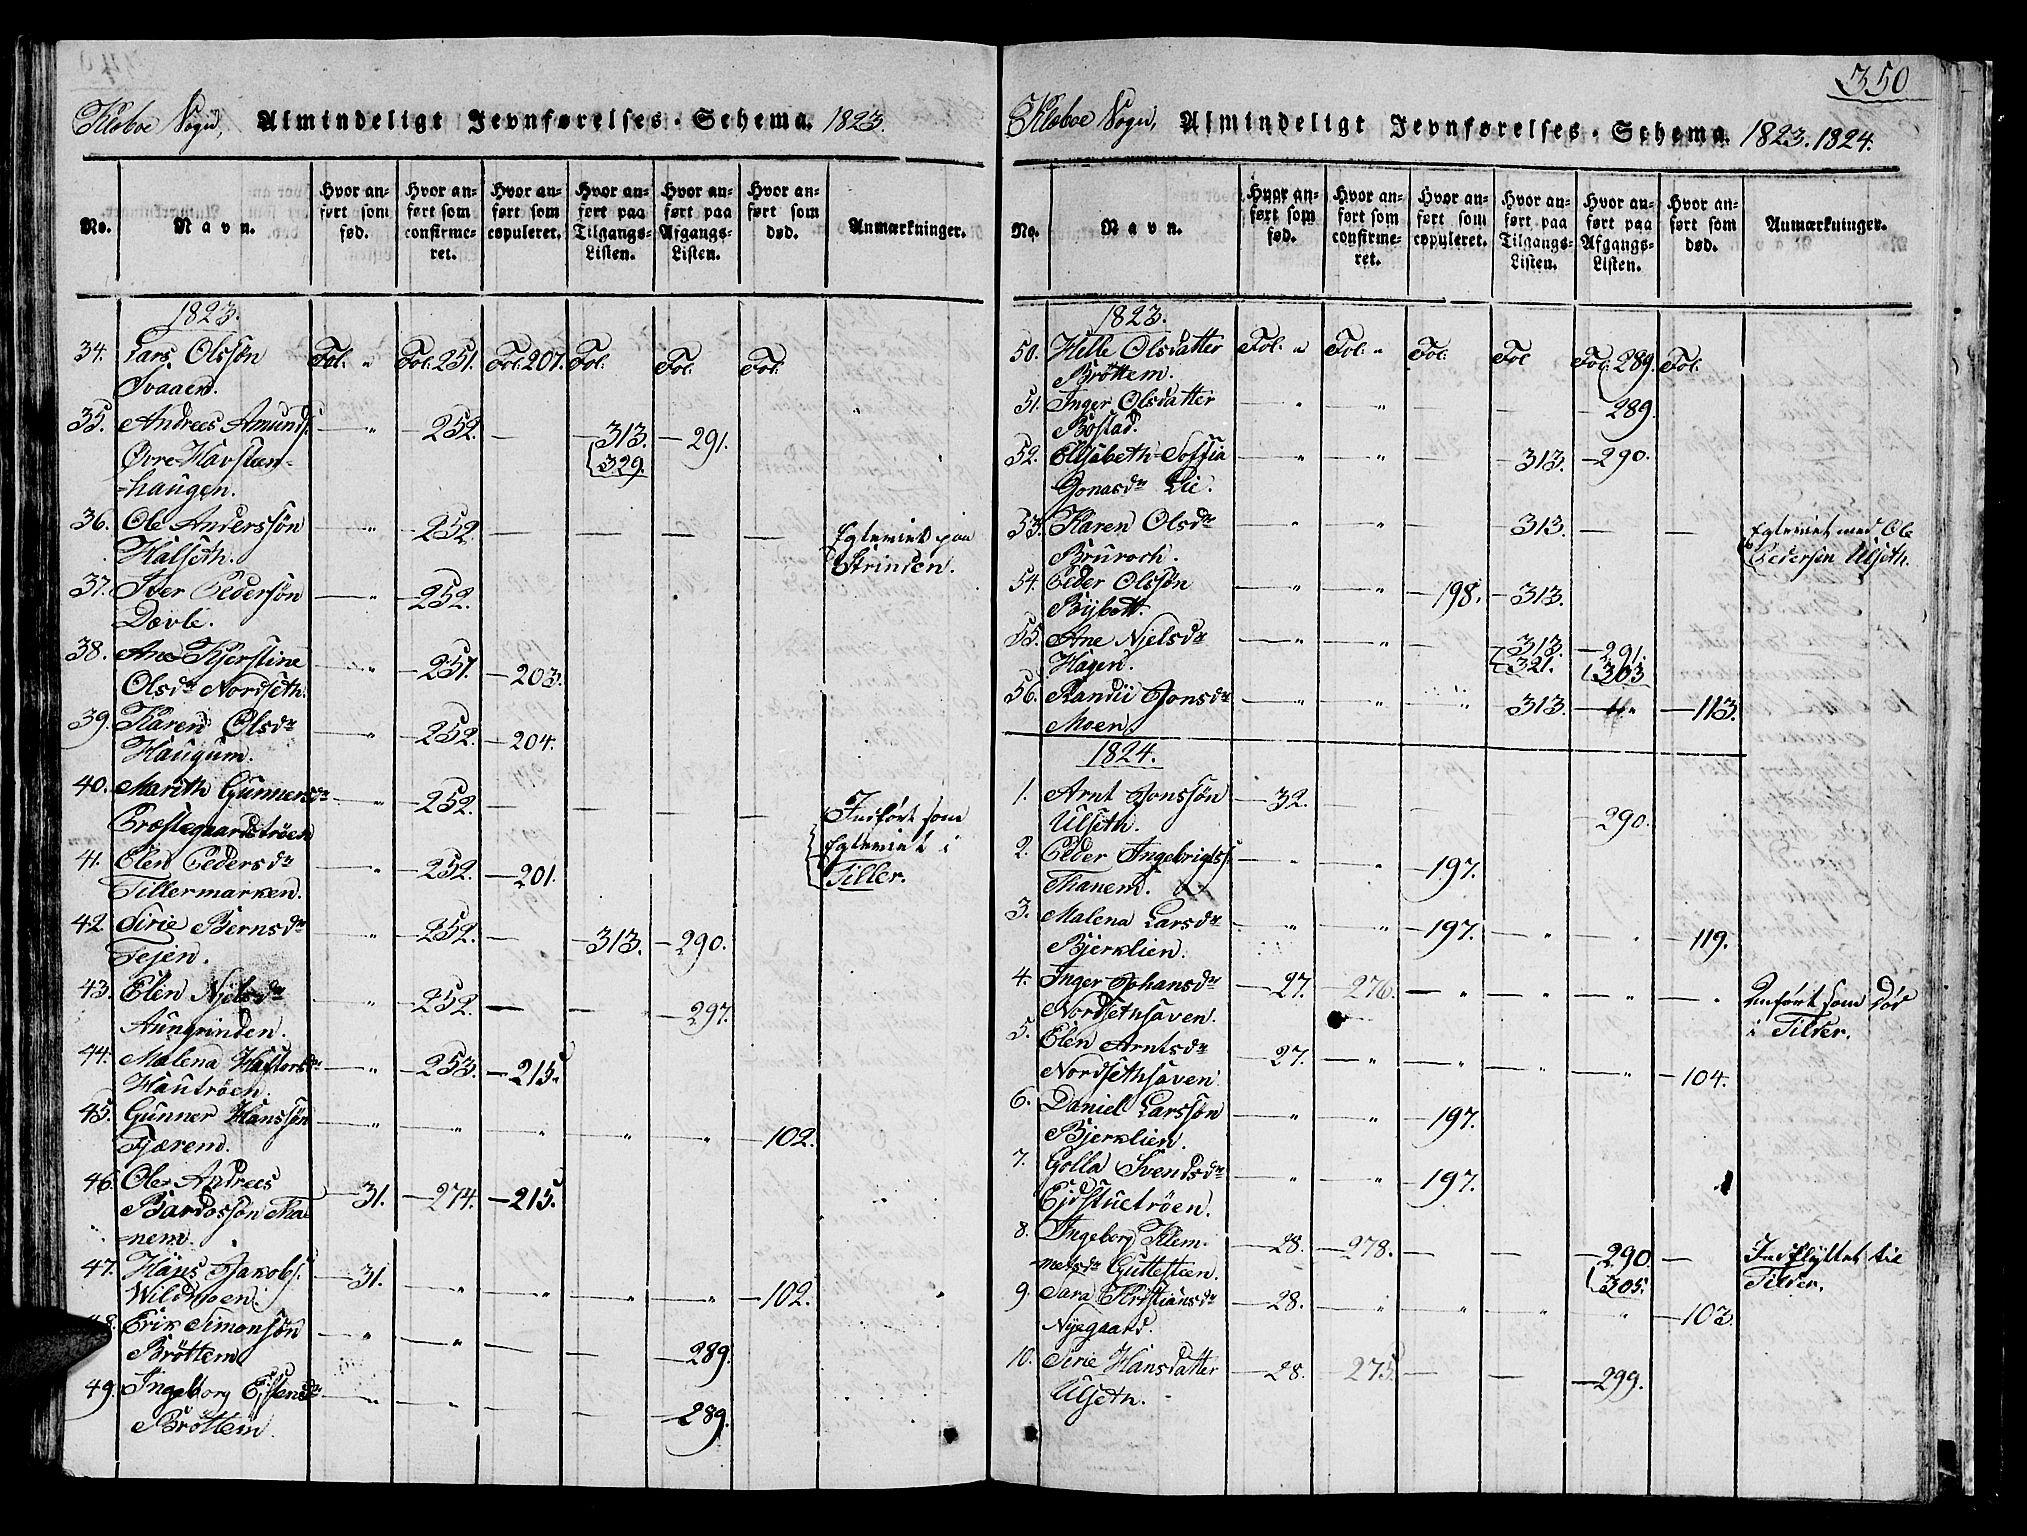 SAT, Ministerialprotokoller, klokkerbøker og fødselsregistre - Sør-Trøndelag, 618/L0450: Klokkerbok nr. 618C01, 1816-1865, s. 350